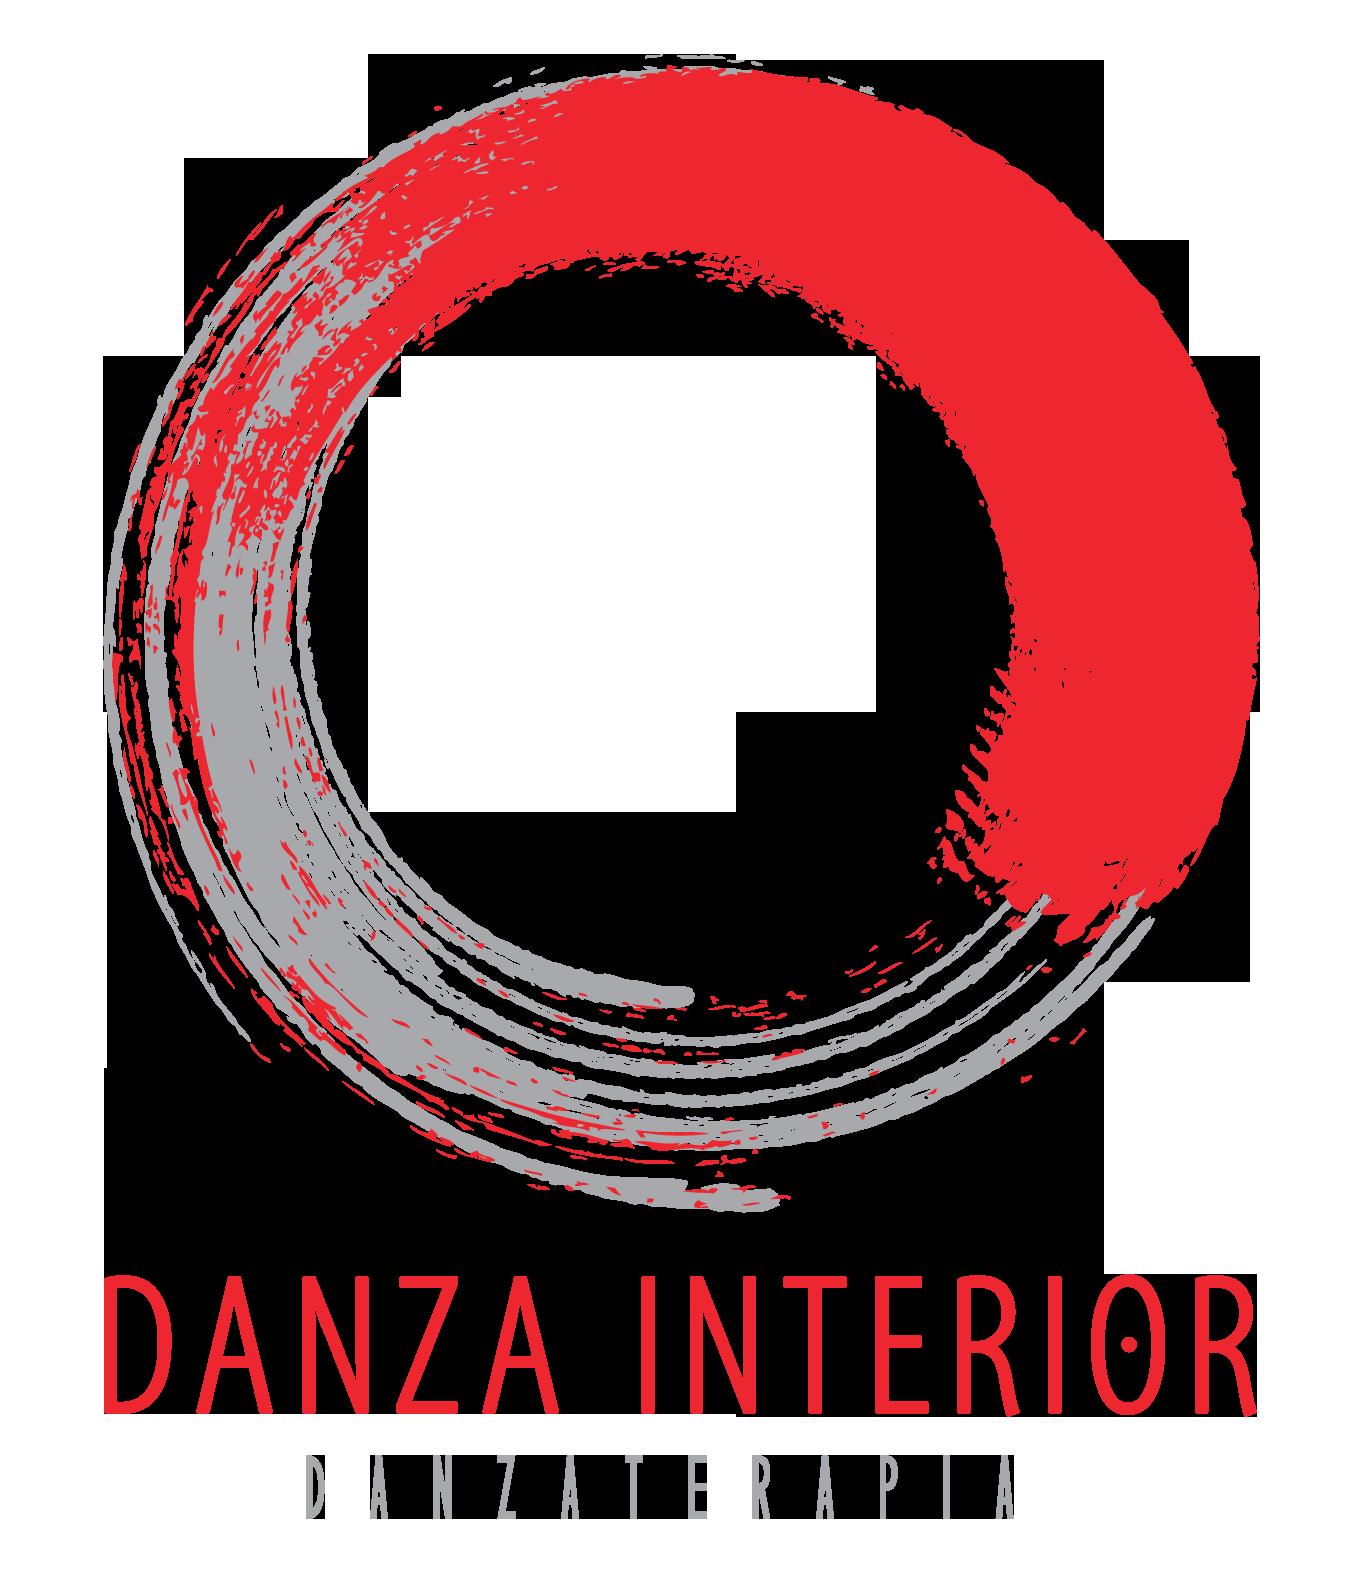 Danza Interior